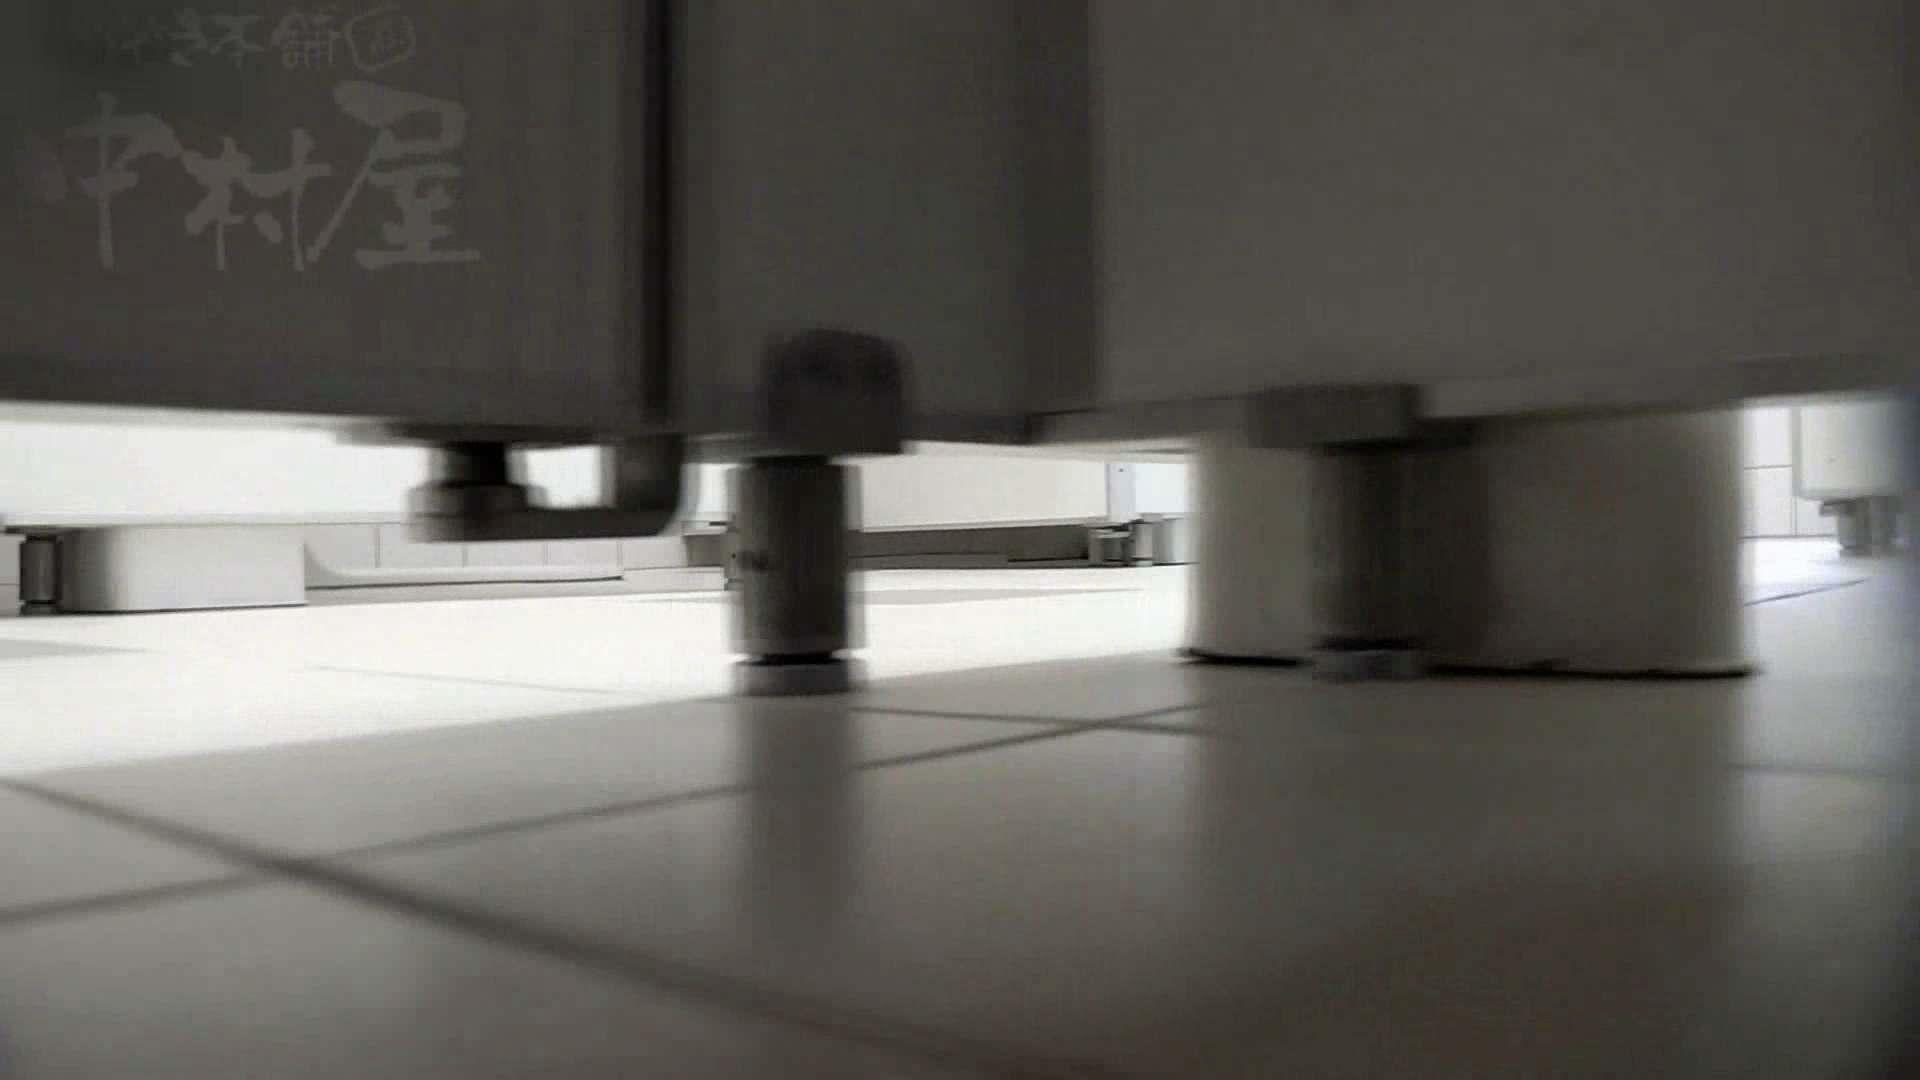 美しい日本の未来 No.08 腕を磨き再発進 乙女エロ画像 ワレメ動画紹介 90PICs 75